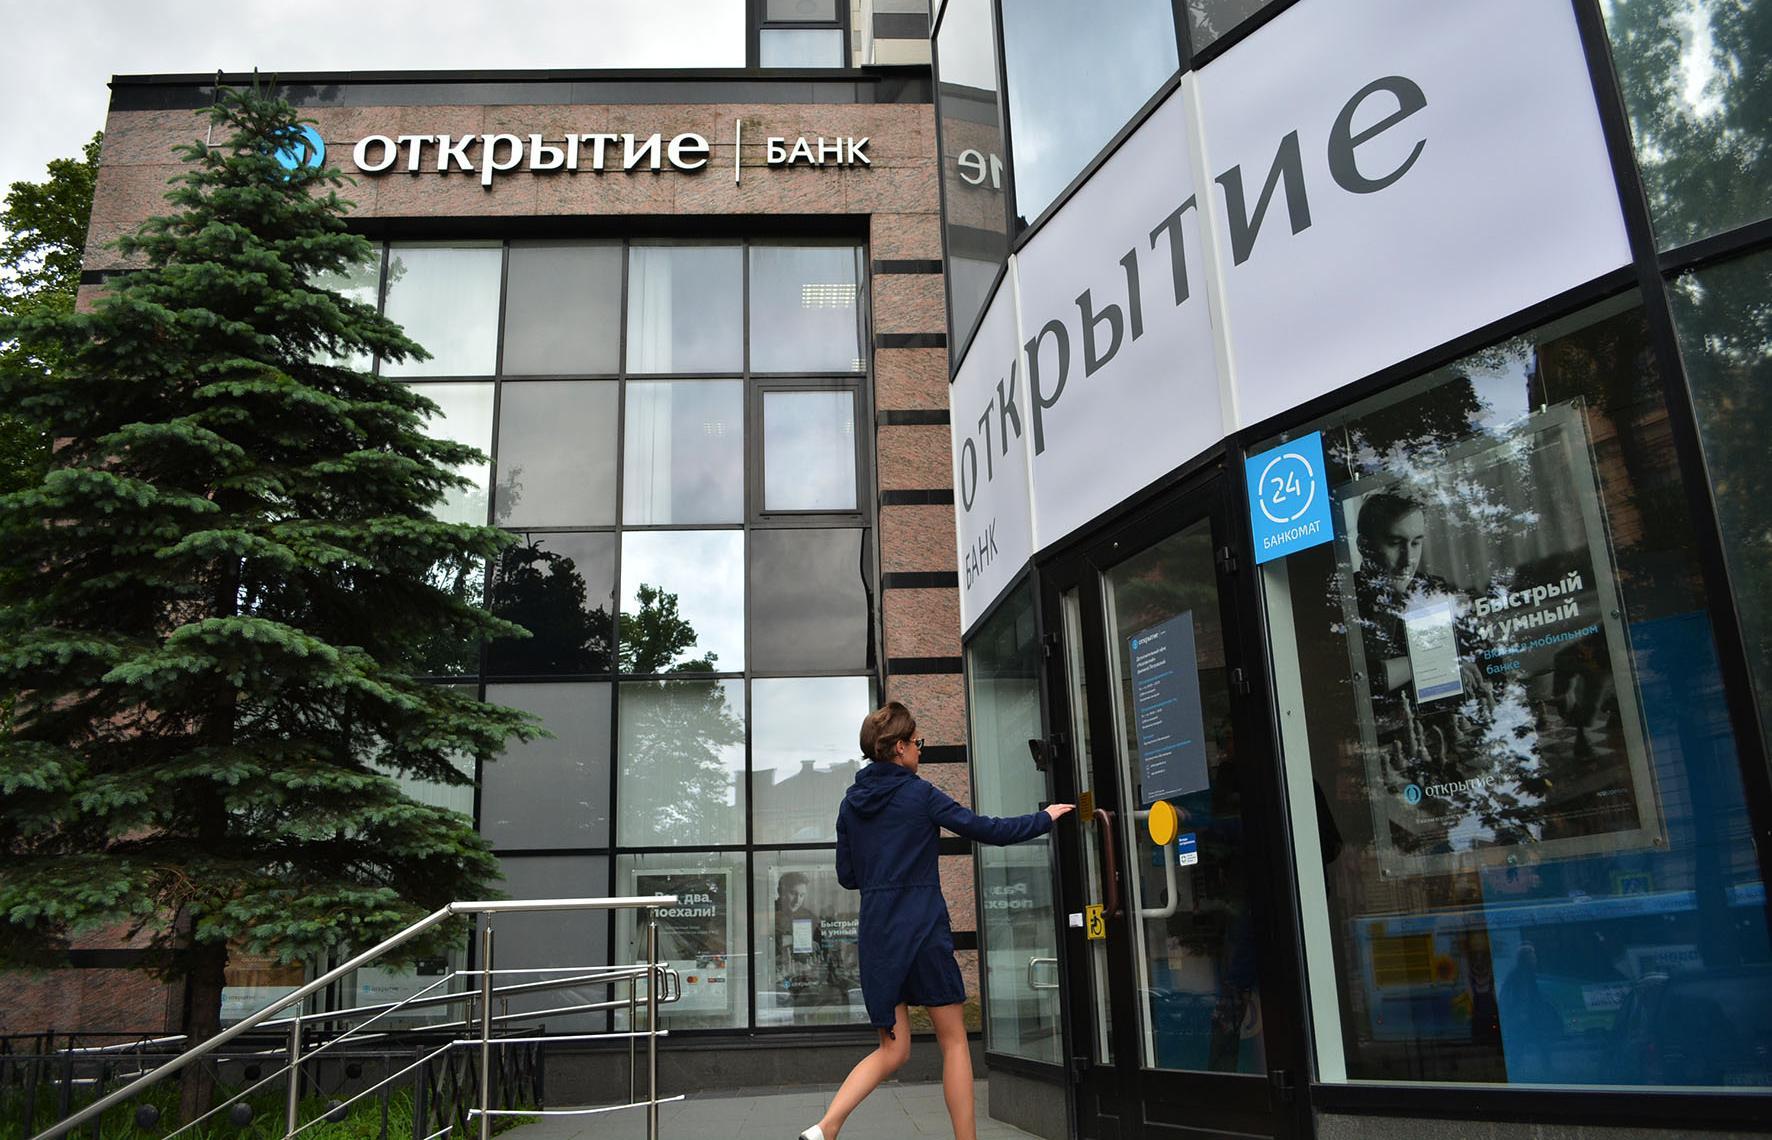 Базовая кафедра банка «Открытие» начала работу в НИУ ВШЭ - новости Афанасий